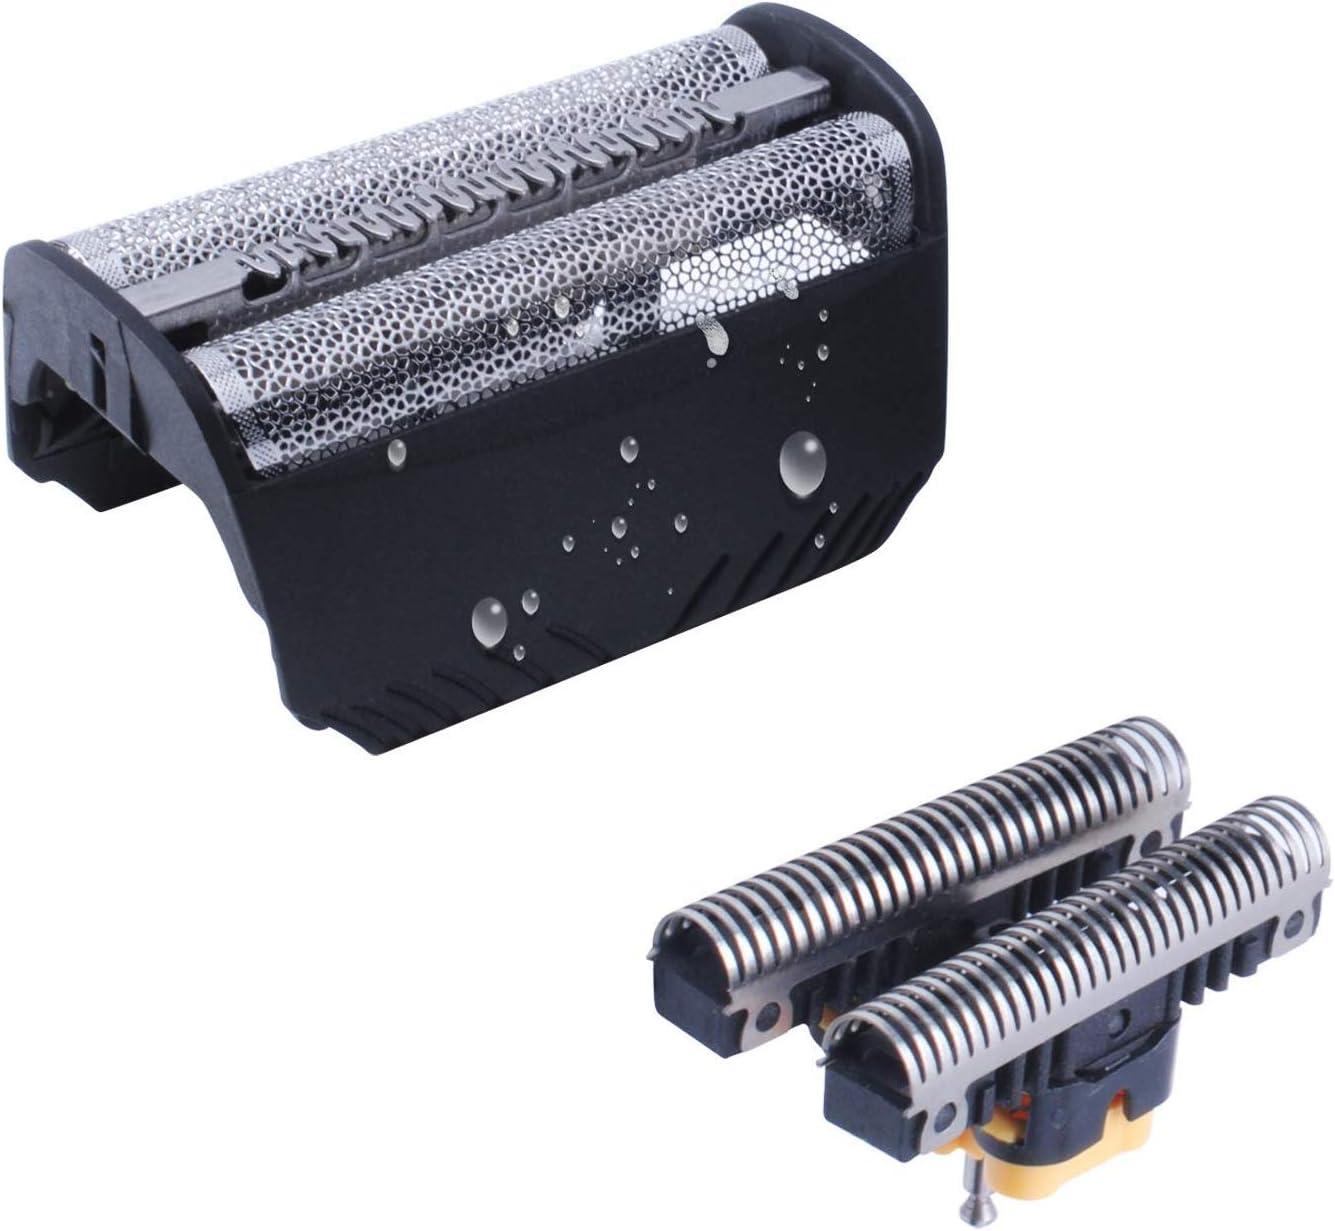 30B Cabezales de Afeitado para Braun Afeitadora Eléctrica Hombre, Lámina y Cuchillas de Repuesto Poweka para Braun Serie 3 SmartControl TriControl y Syncro Pro